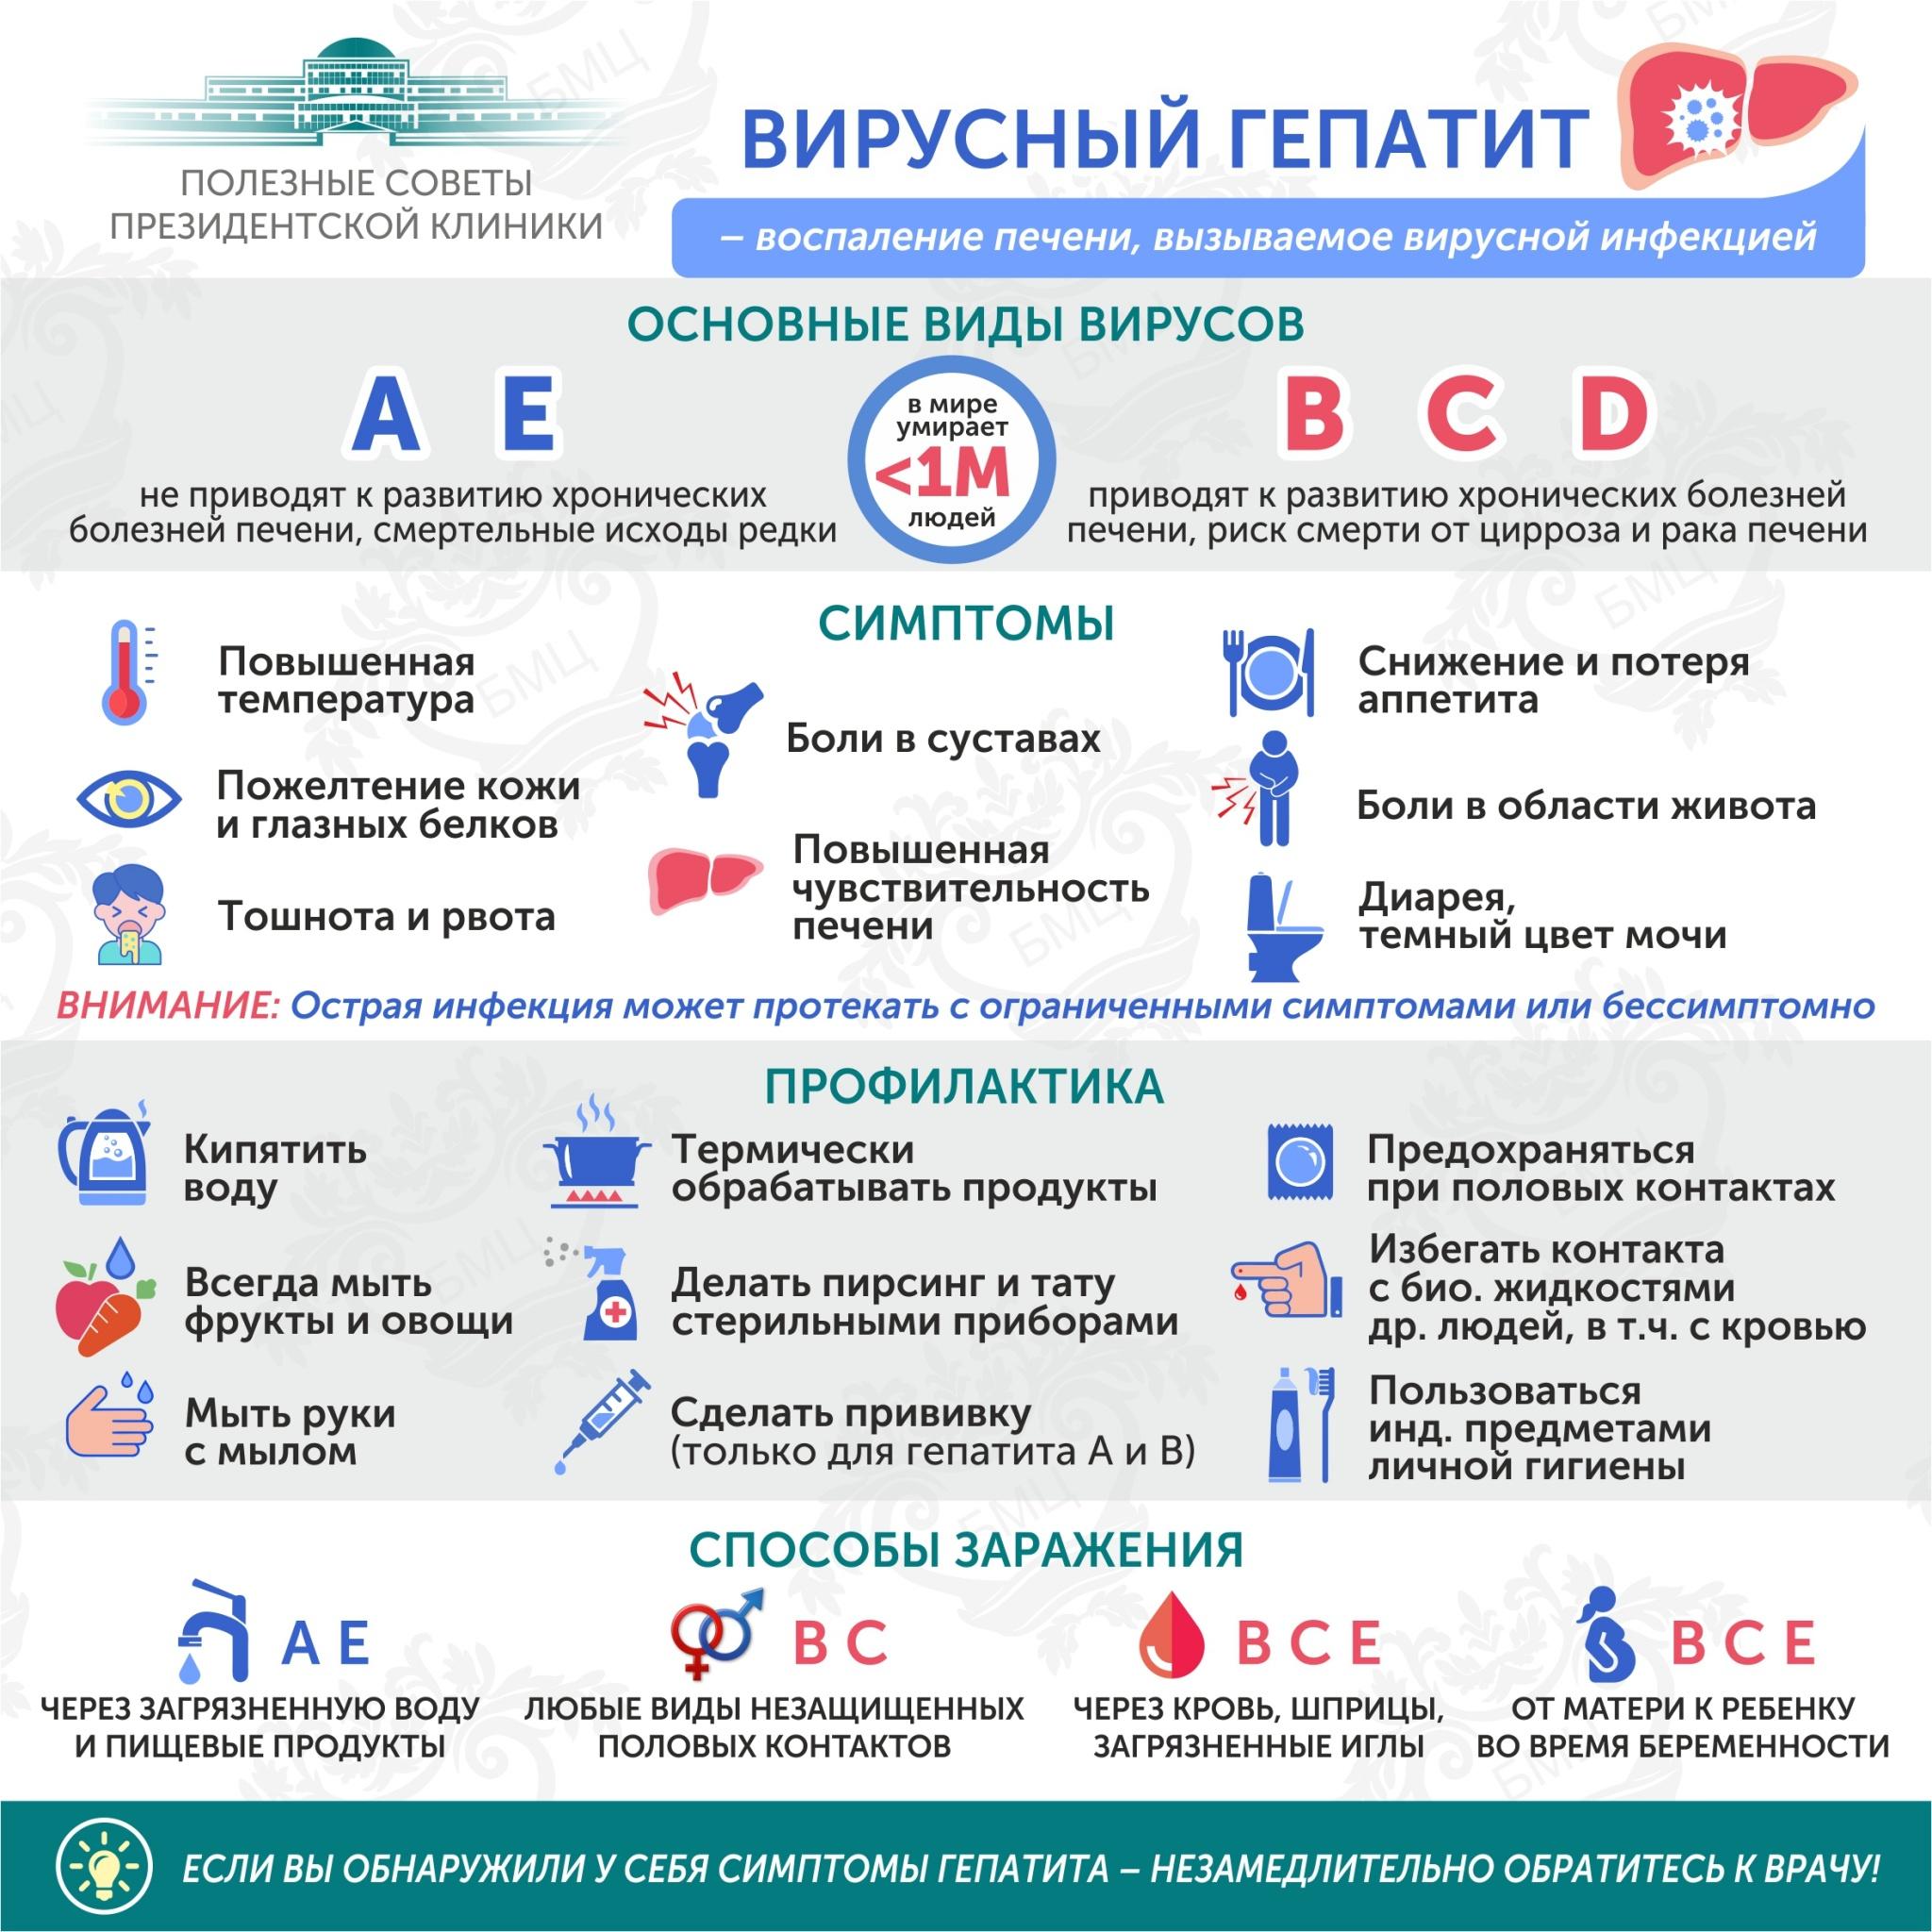 Профилактика гепатита B